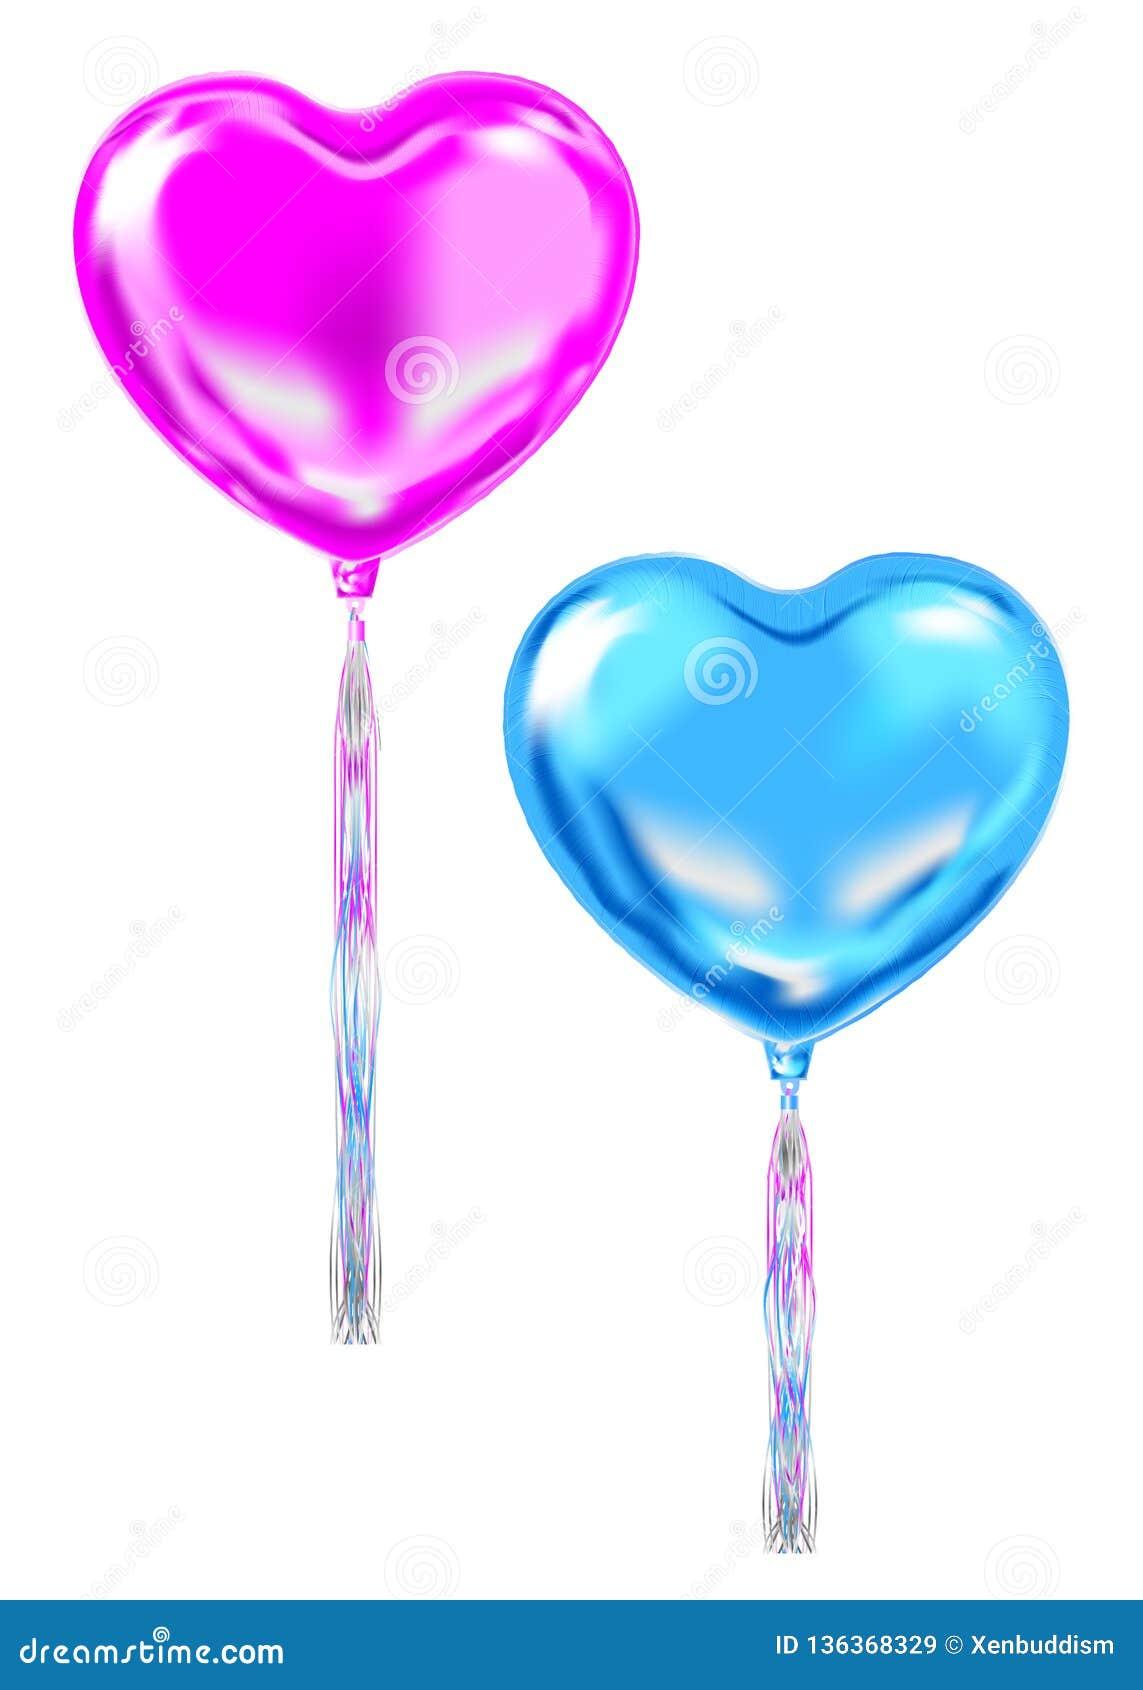 Маджента и голубые воздушные шары формы сердца фольги, символы воздуха любов